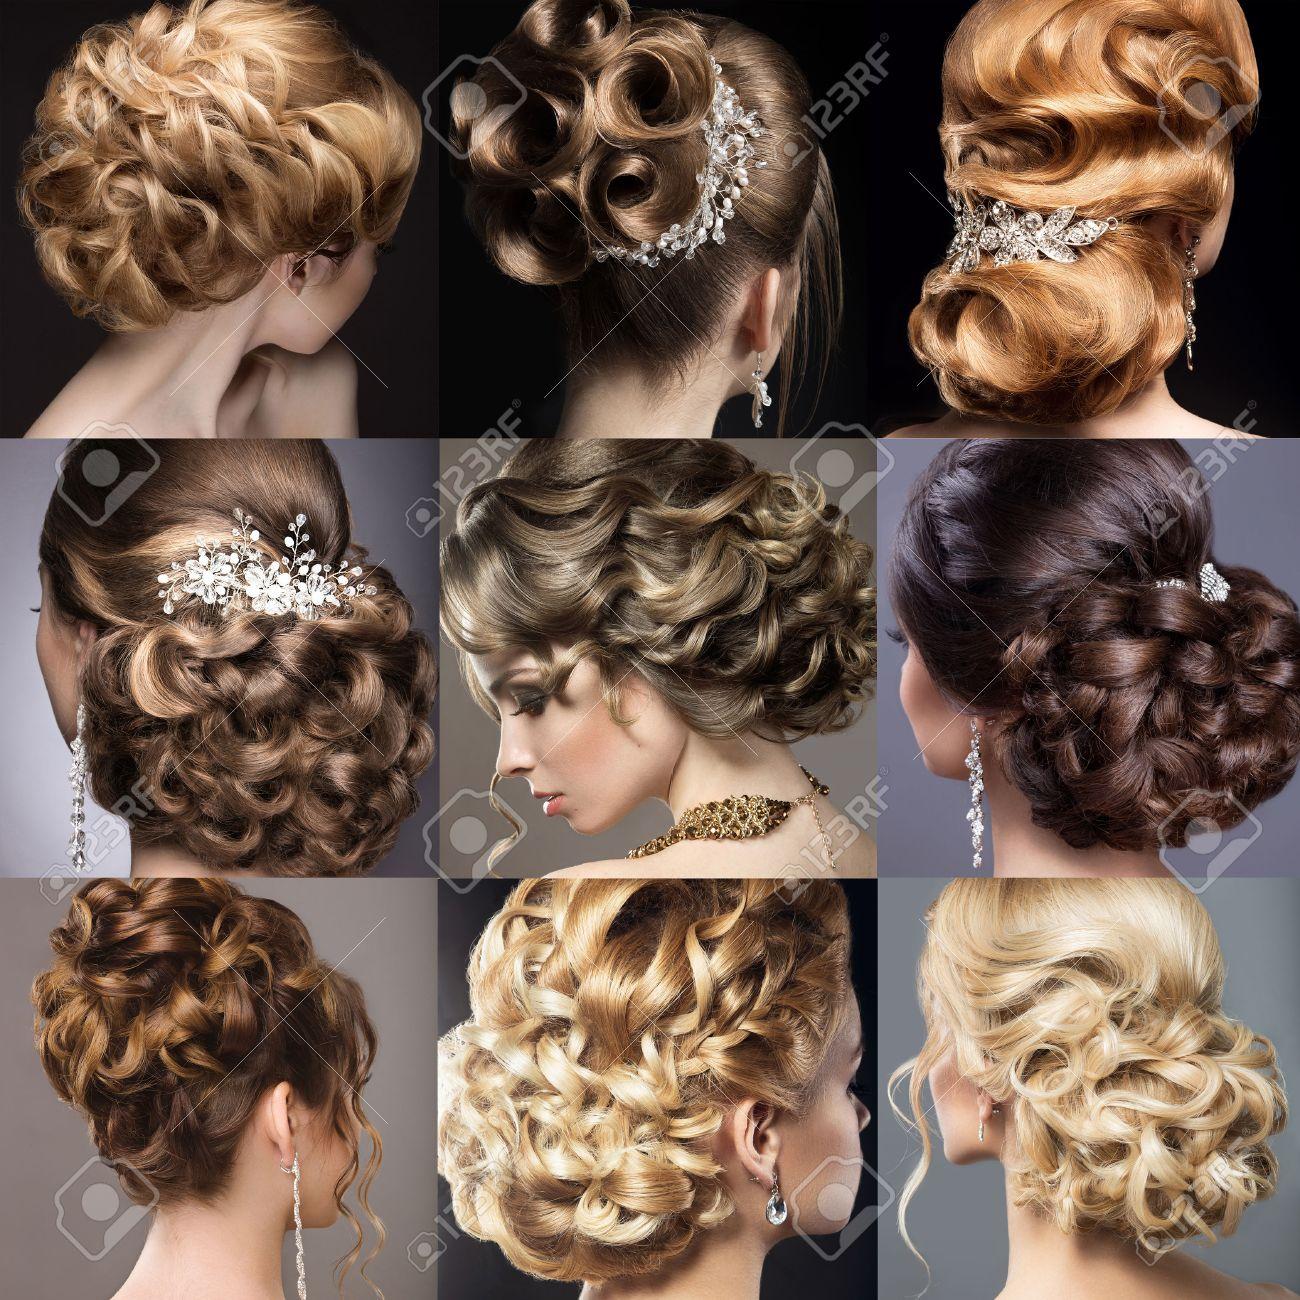 Sammlung von Hochzeit Frisuren. Schöne Mädchen. Beauty Haar. Foto im Studio.